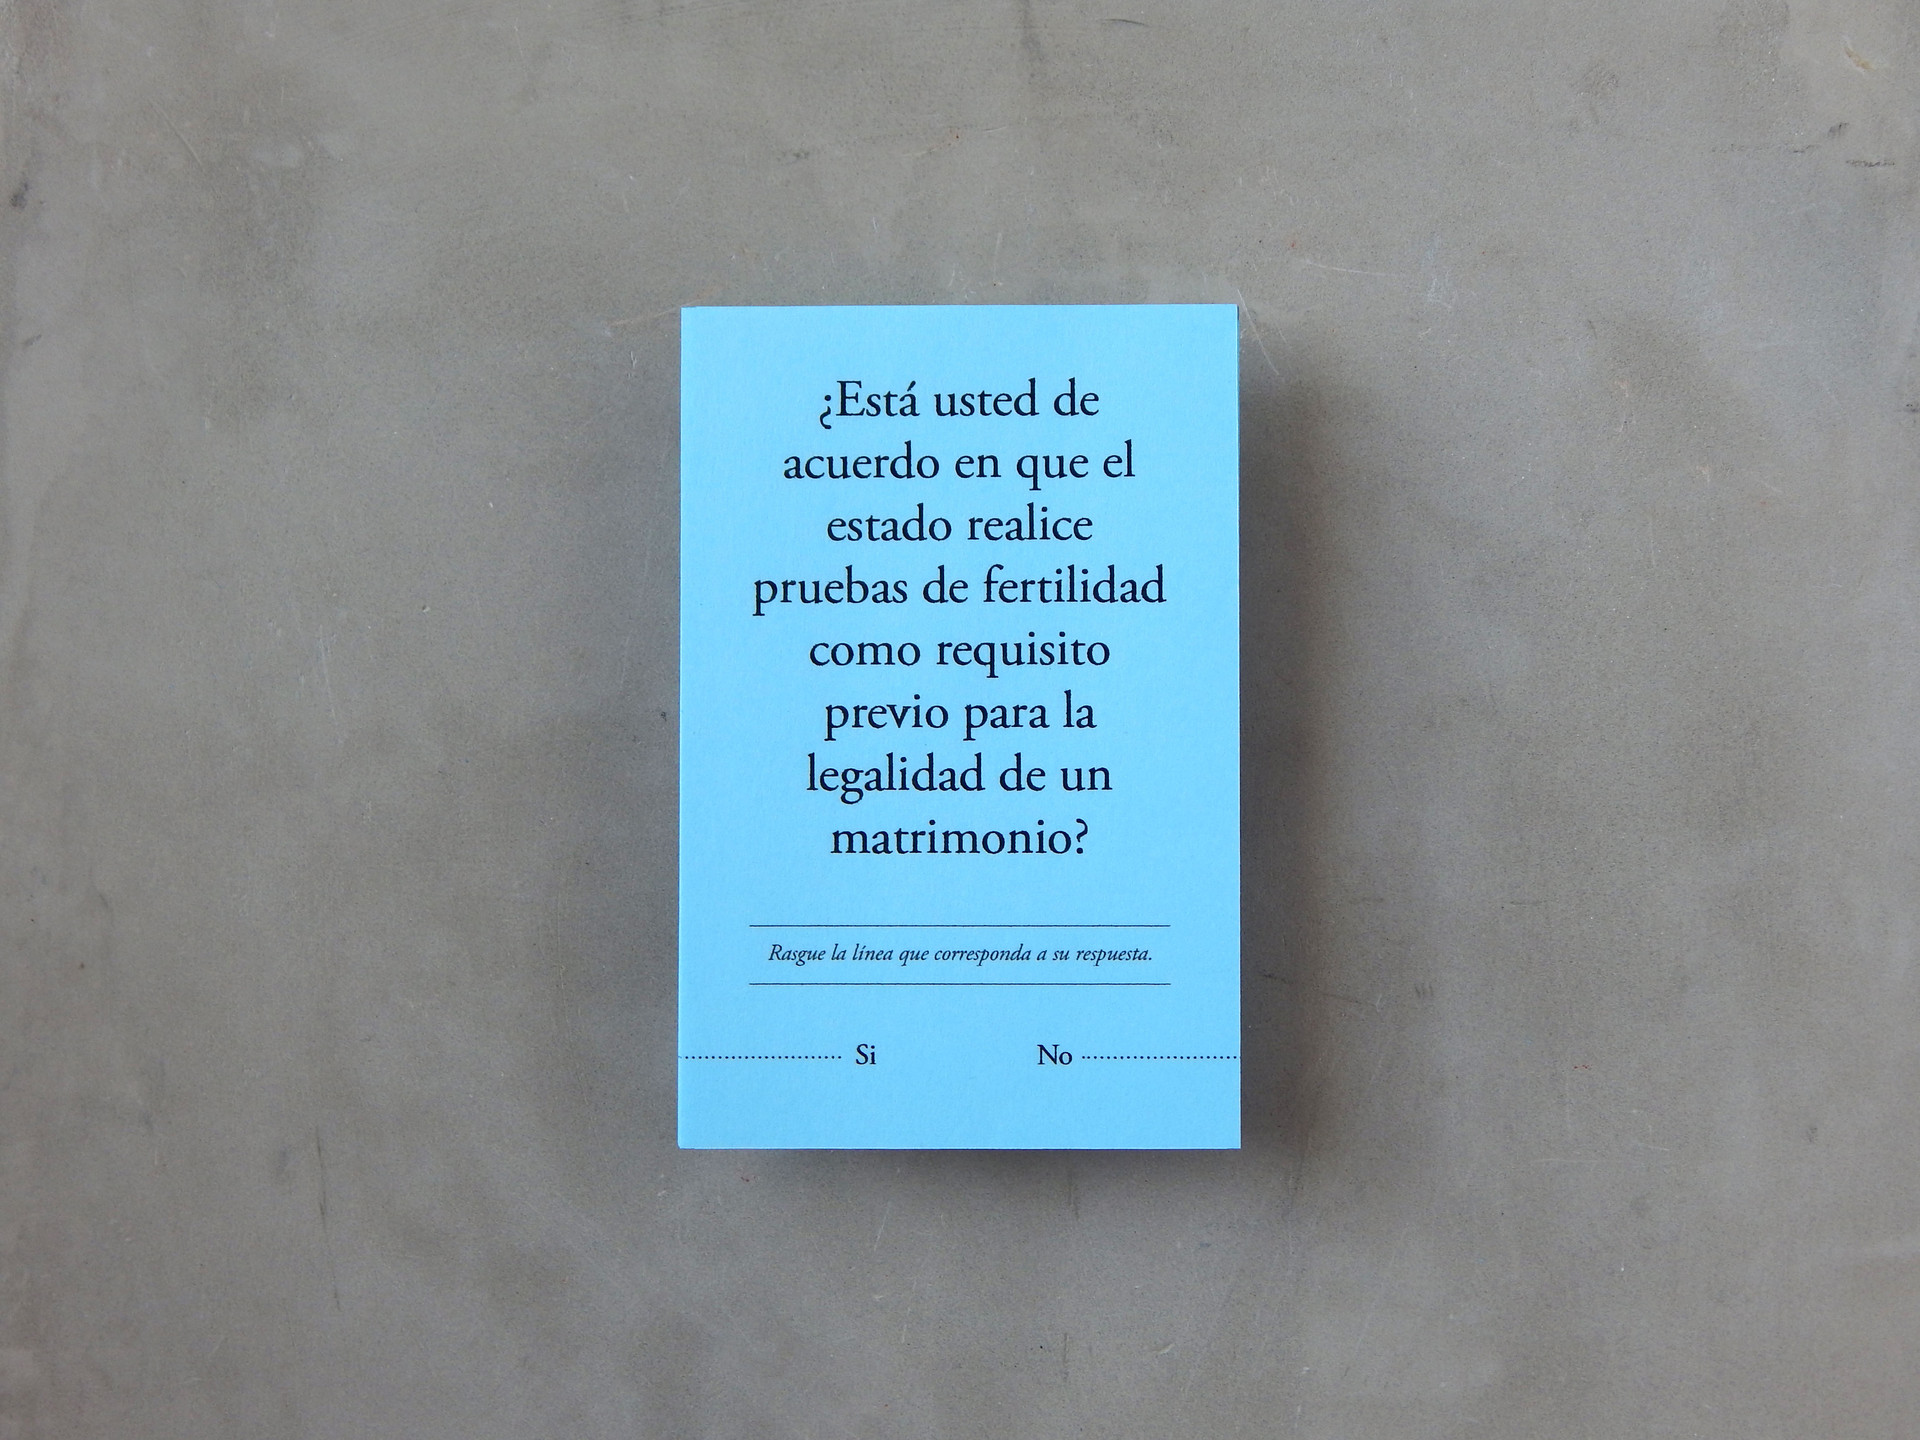 2018 - Censo -7_5x11_5cm 02 -  Ricardo C